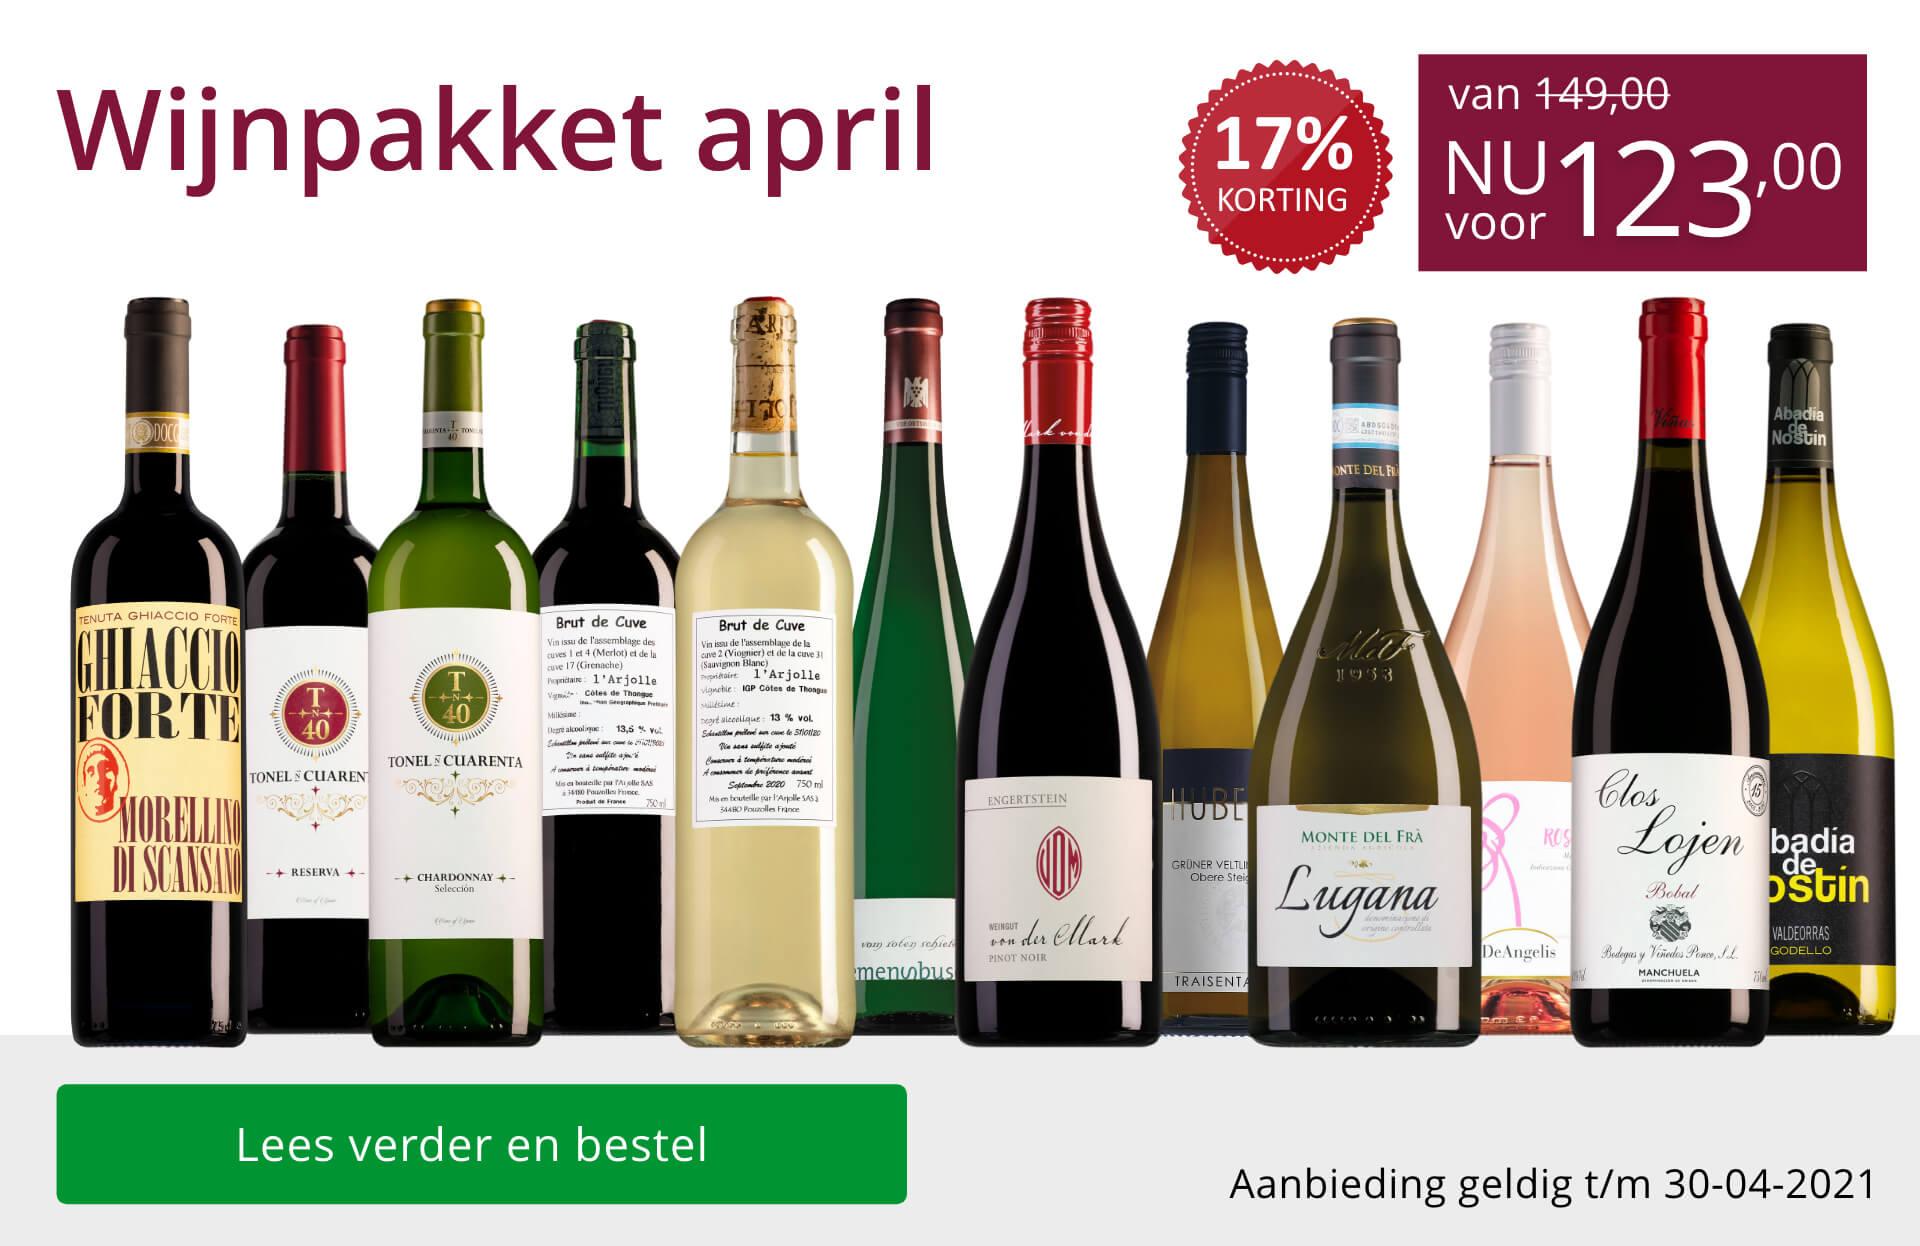 Wijnpakket wijnbericht april 2021 (123,00) - paars